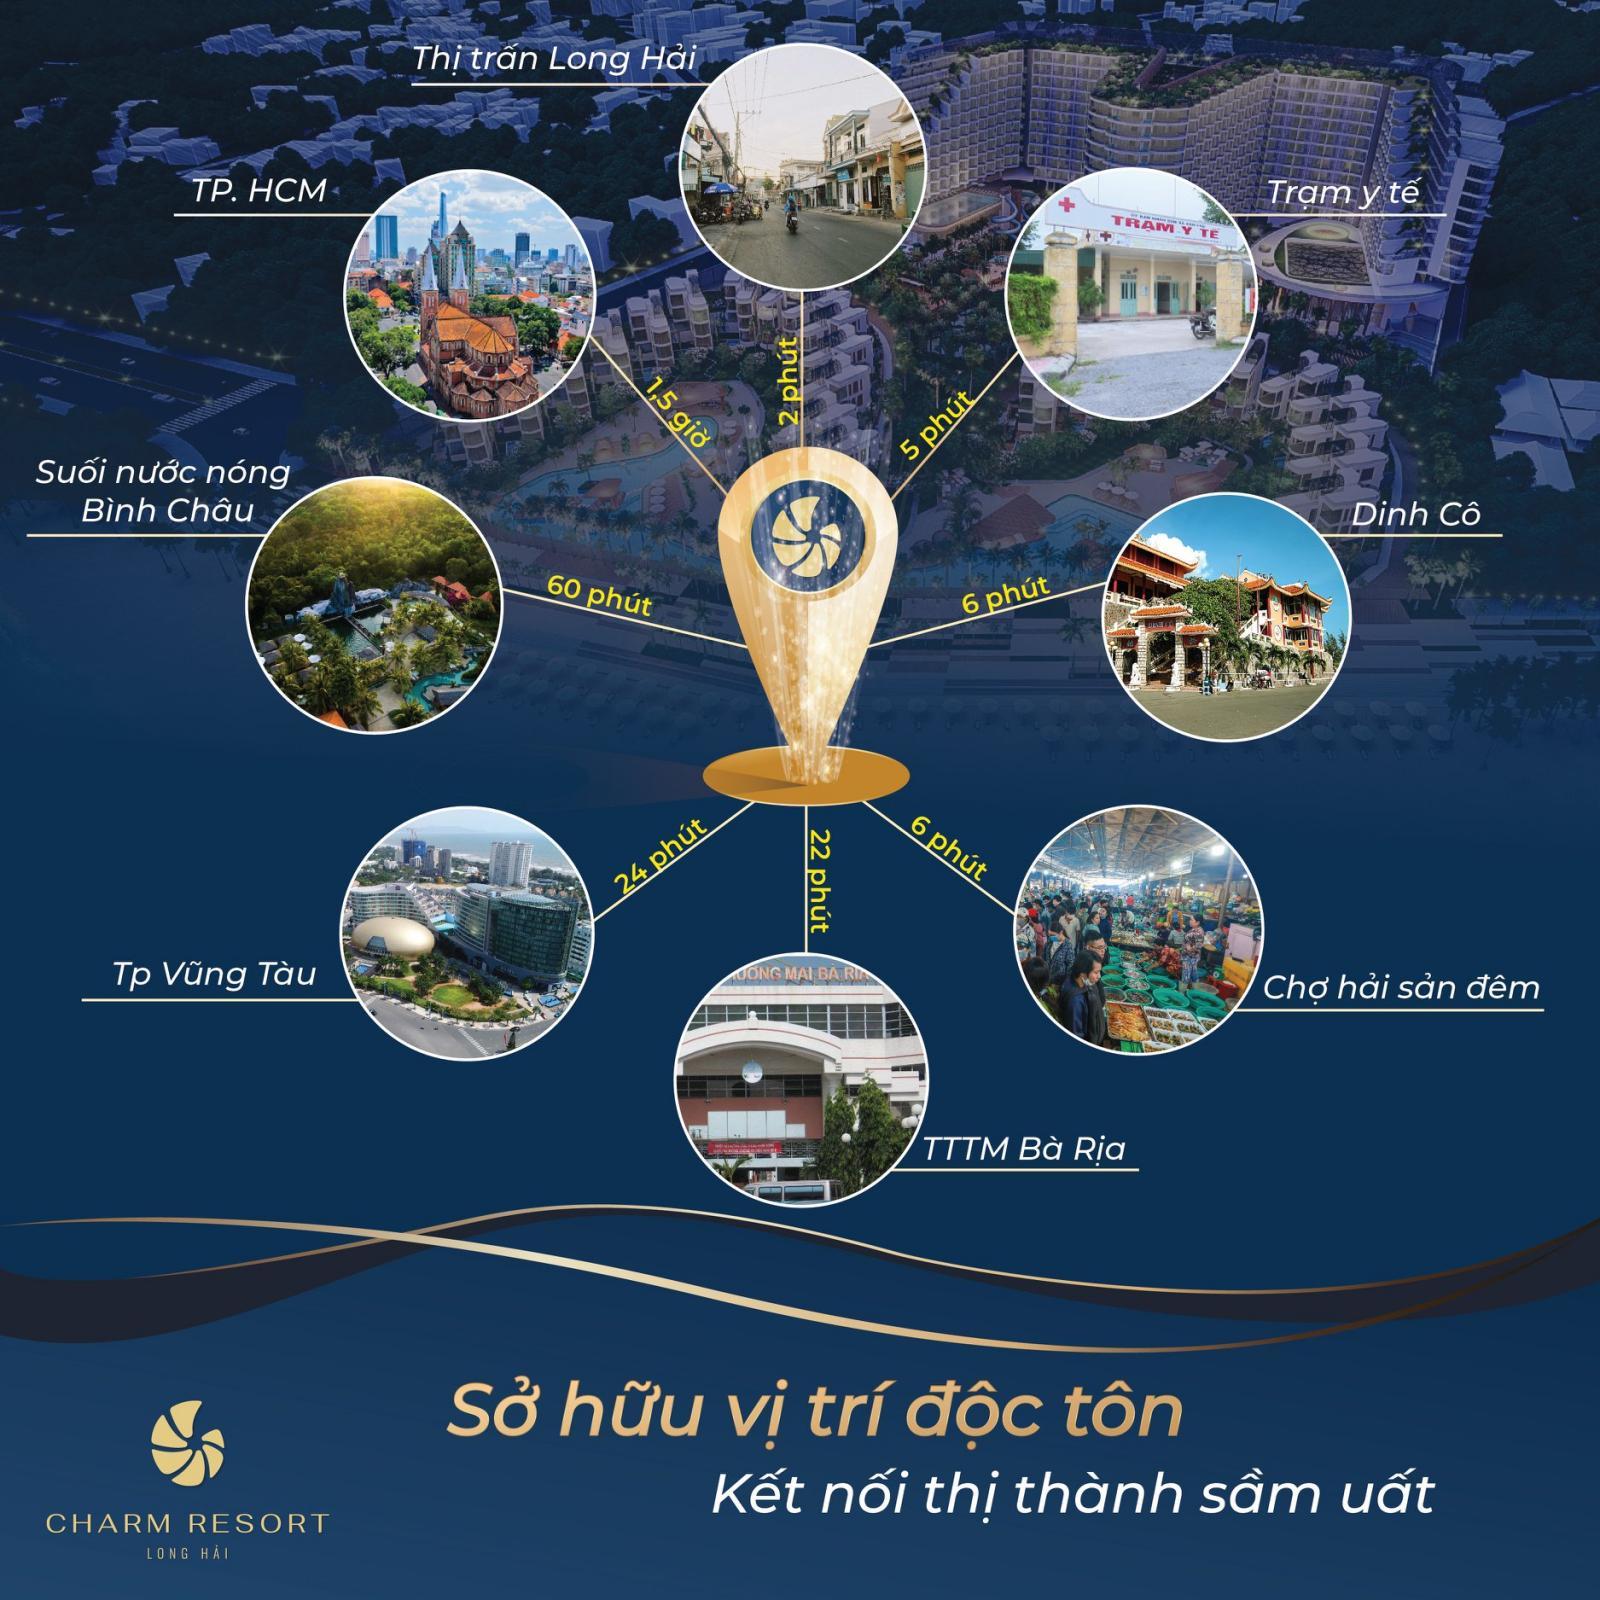 Liên kết tiện ích ngoại khu dự án Charm Resort Long Hải